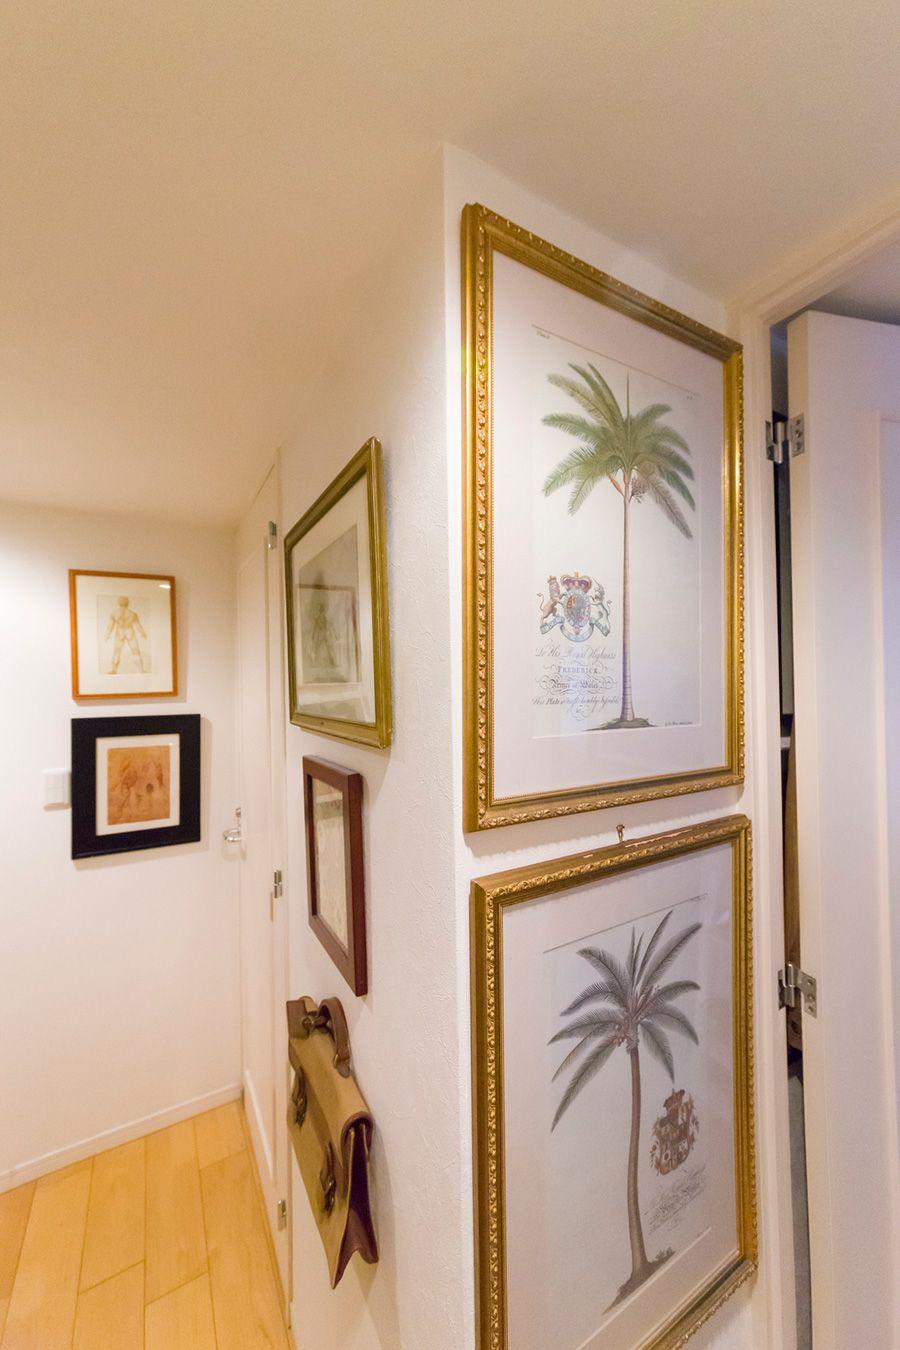 アメリカの暮らしを日本へラルフ ローレンのインテリアデザイナーの家